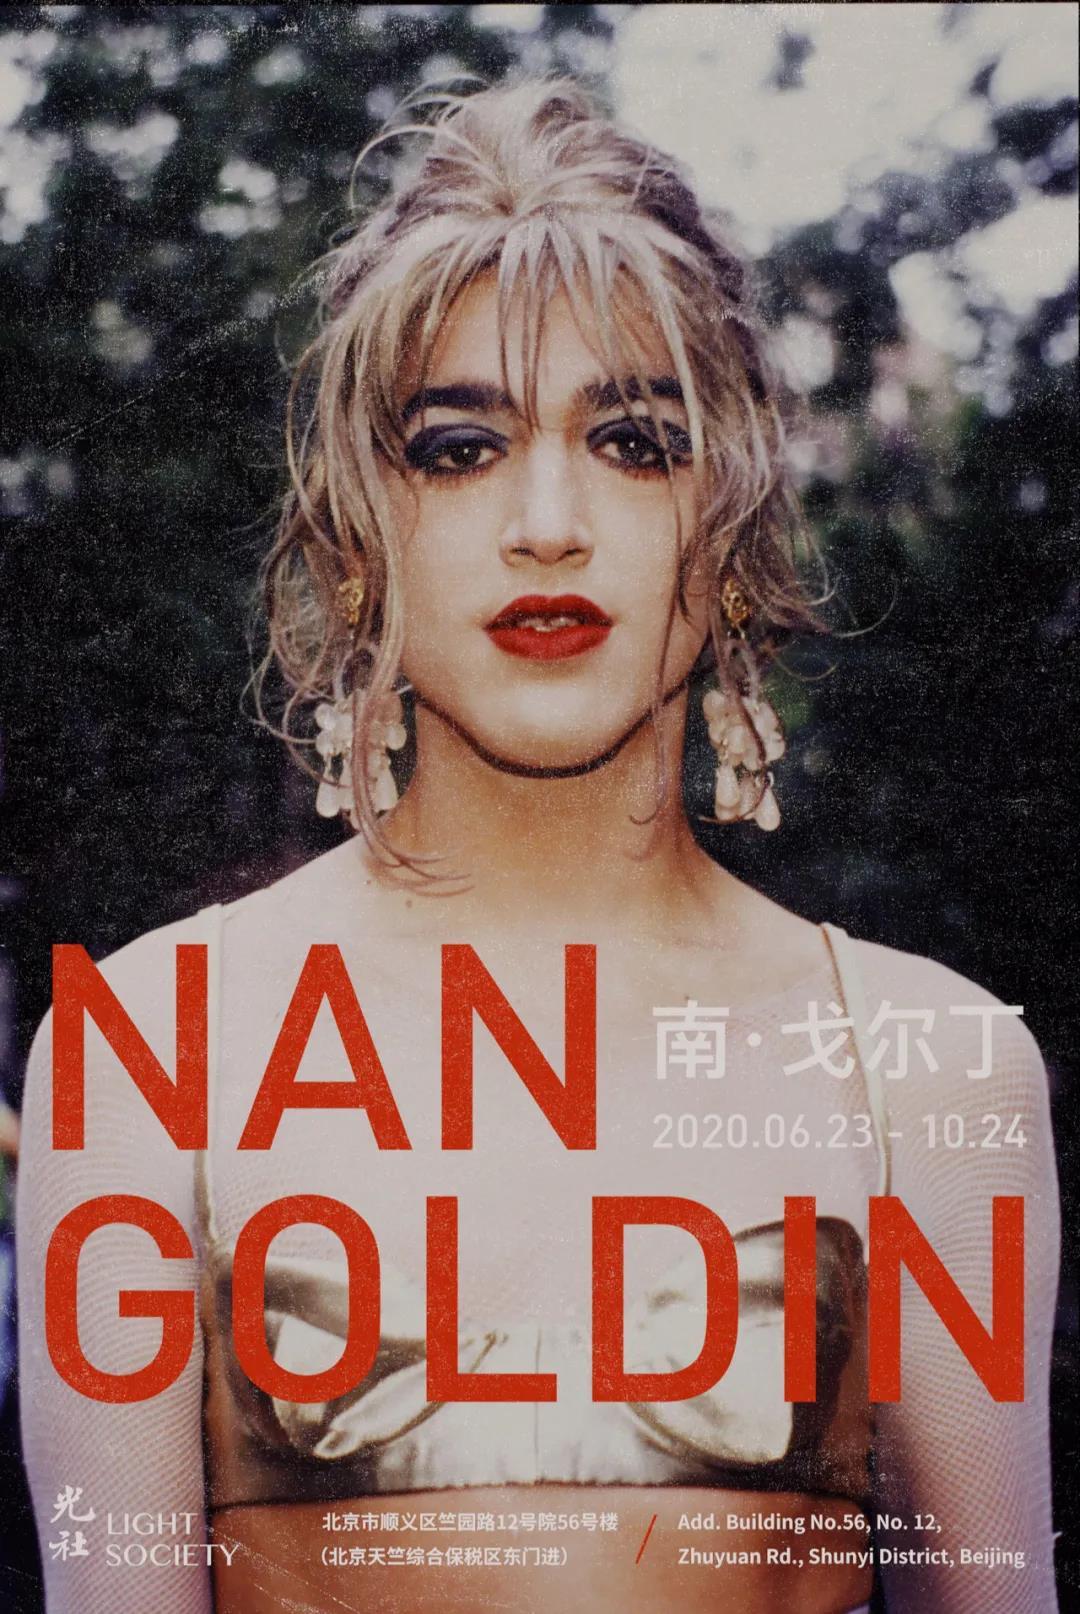 南・戈尔丁(Nan Goldin)中国首次同名个展